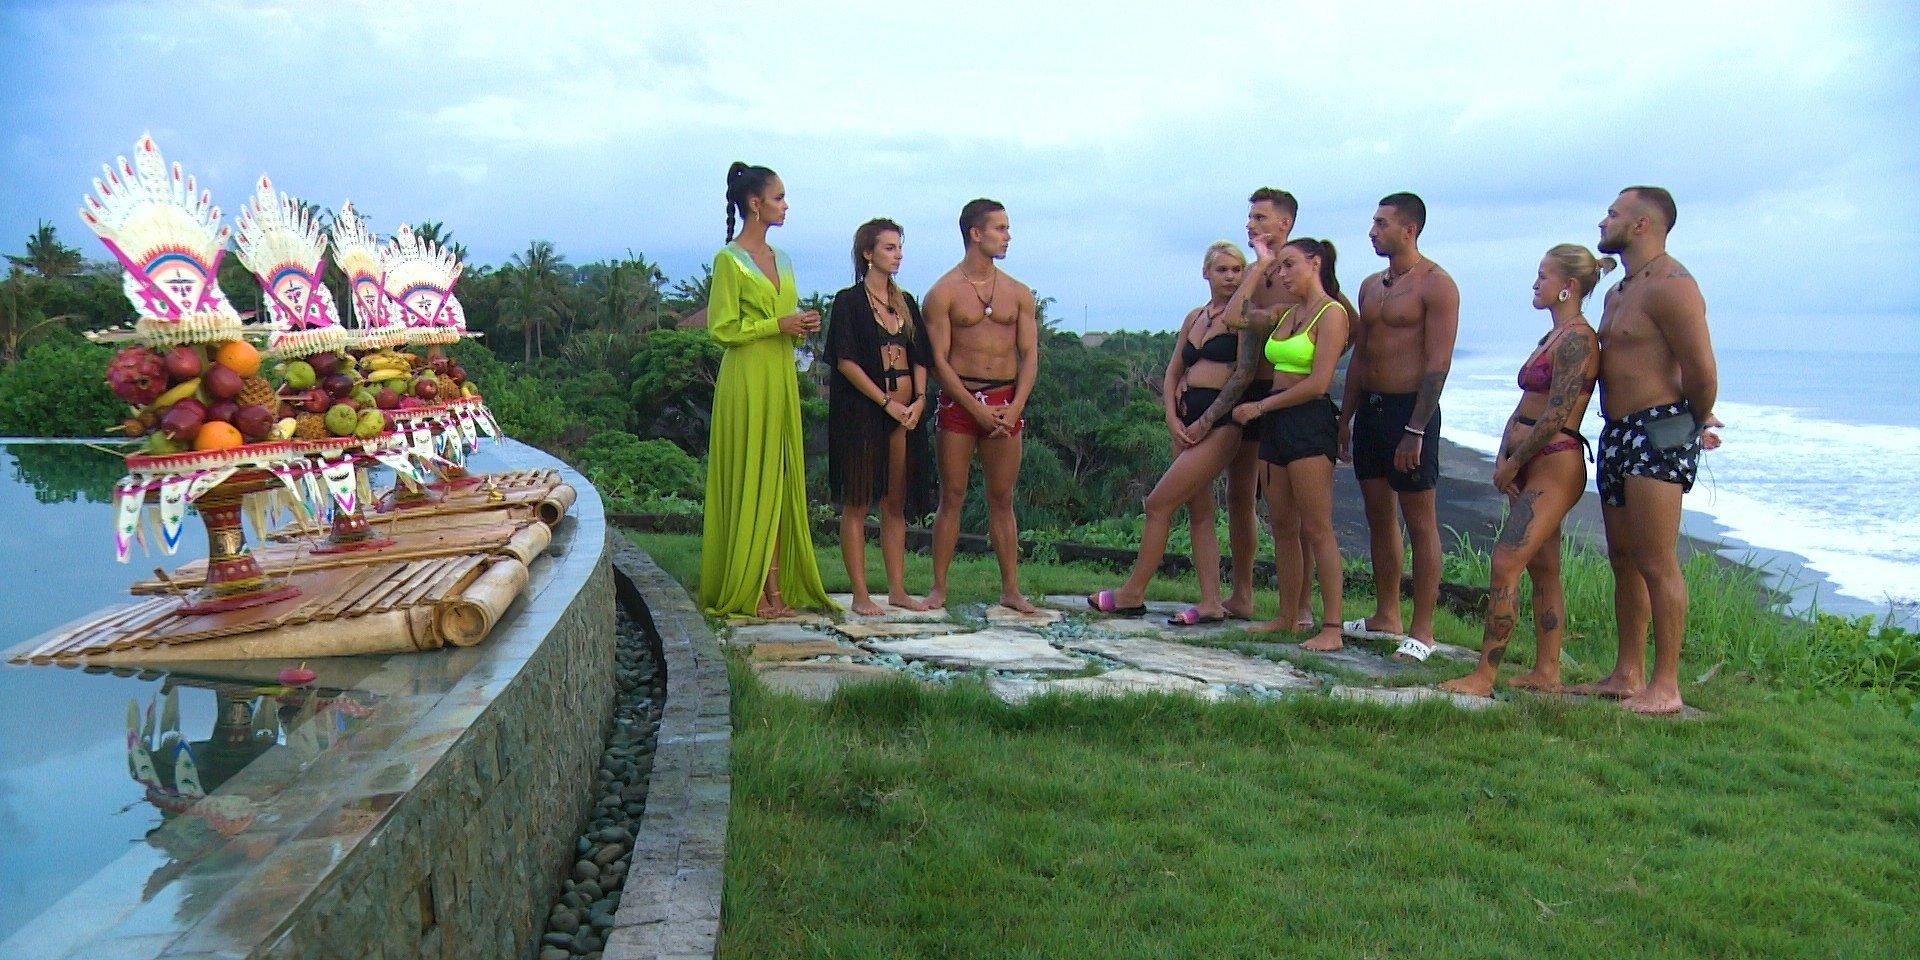 Hotel Paradise 2 - trudne wybory! (zapowiedź odcinka 46)